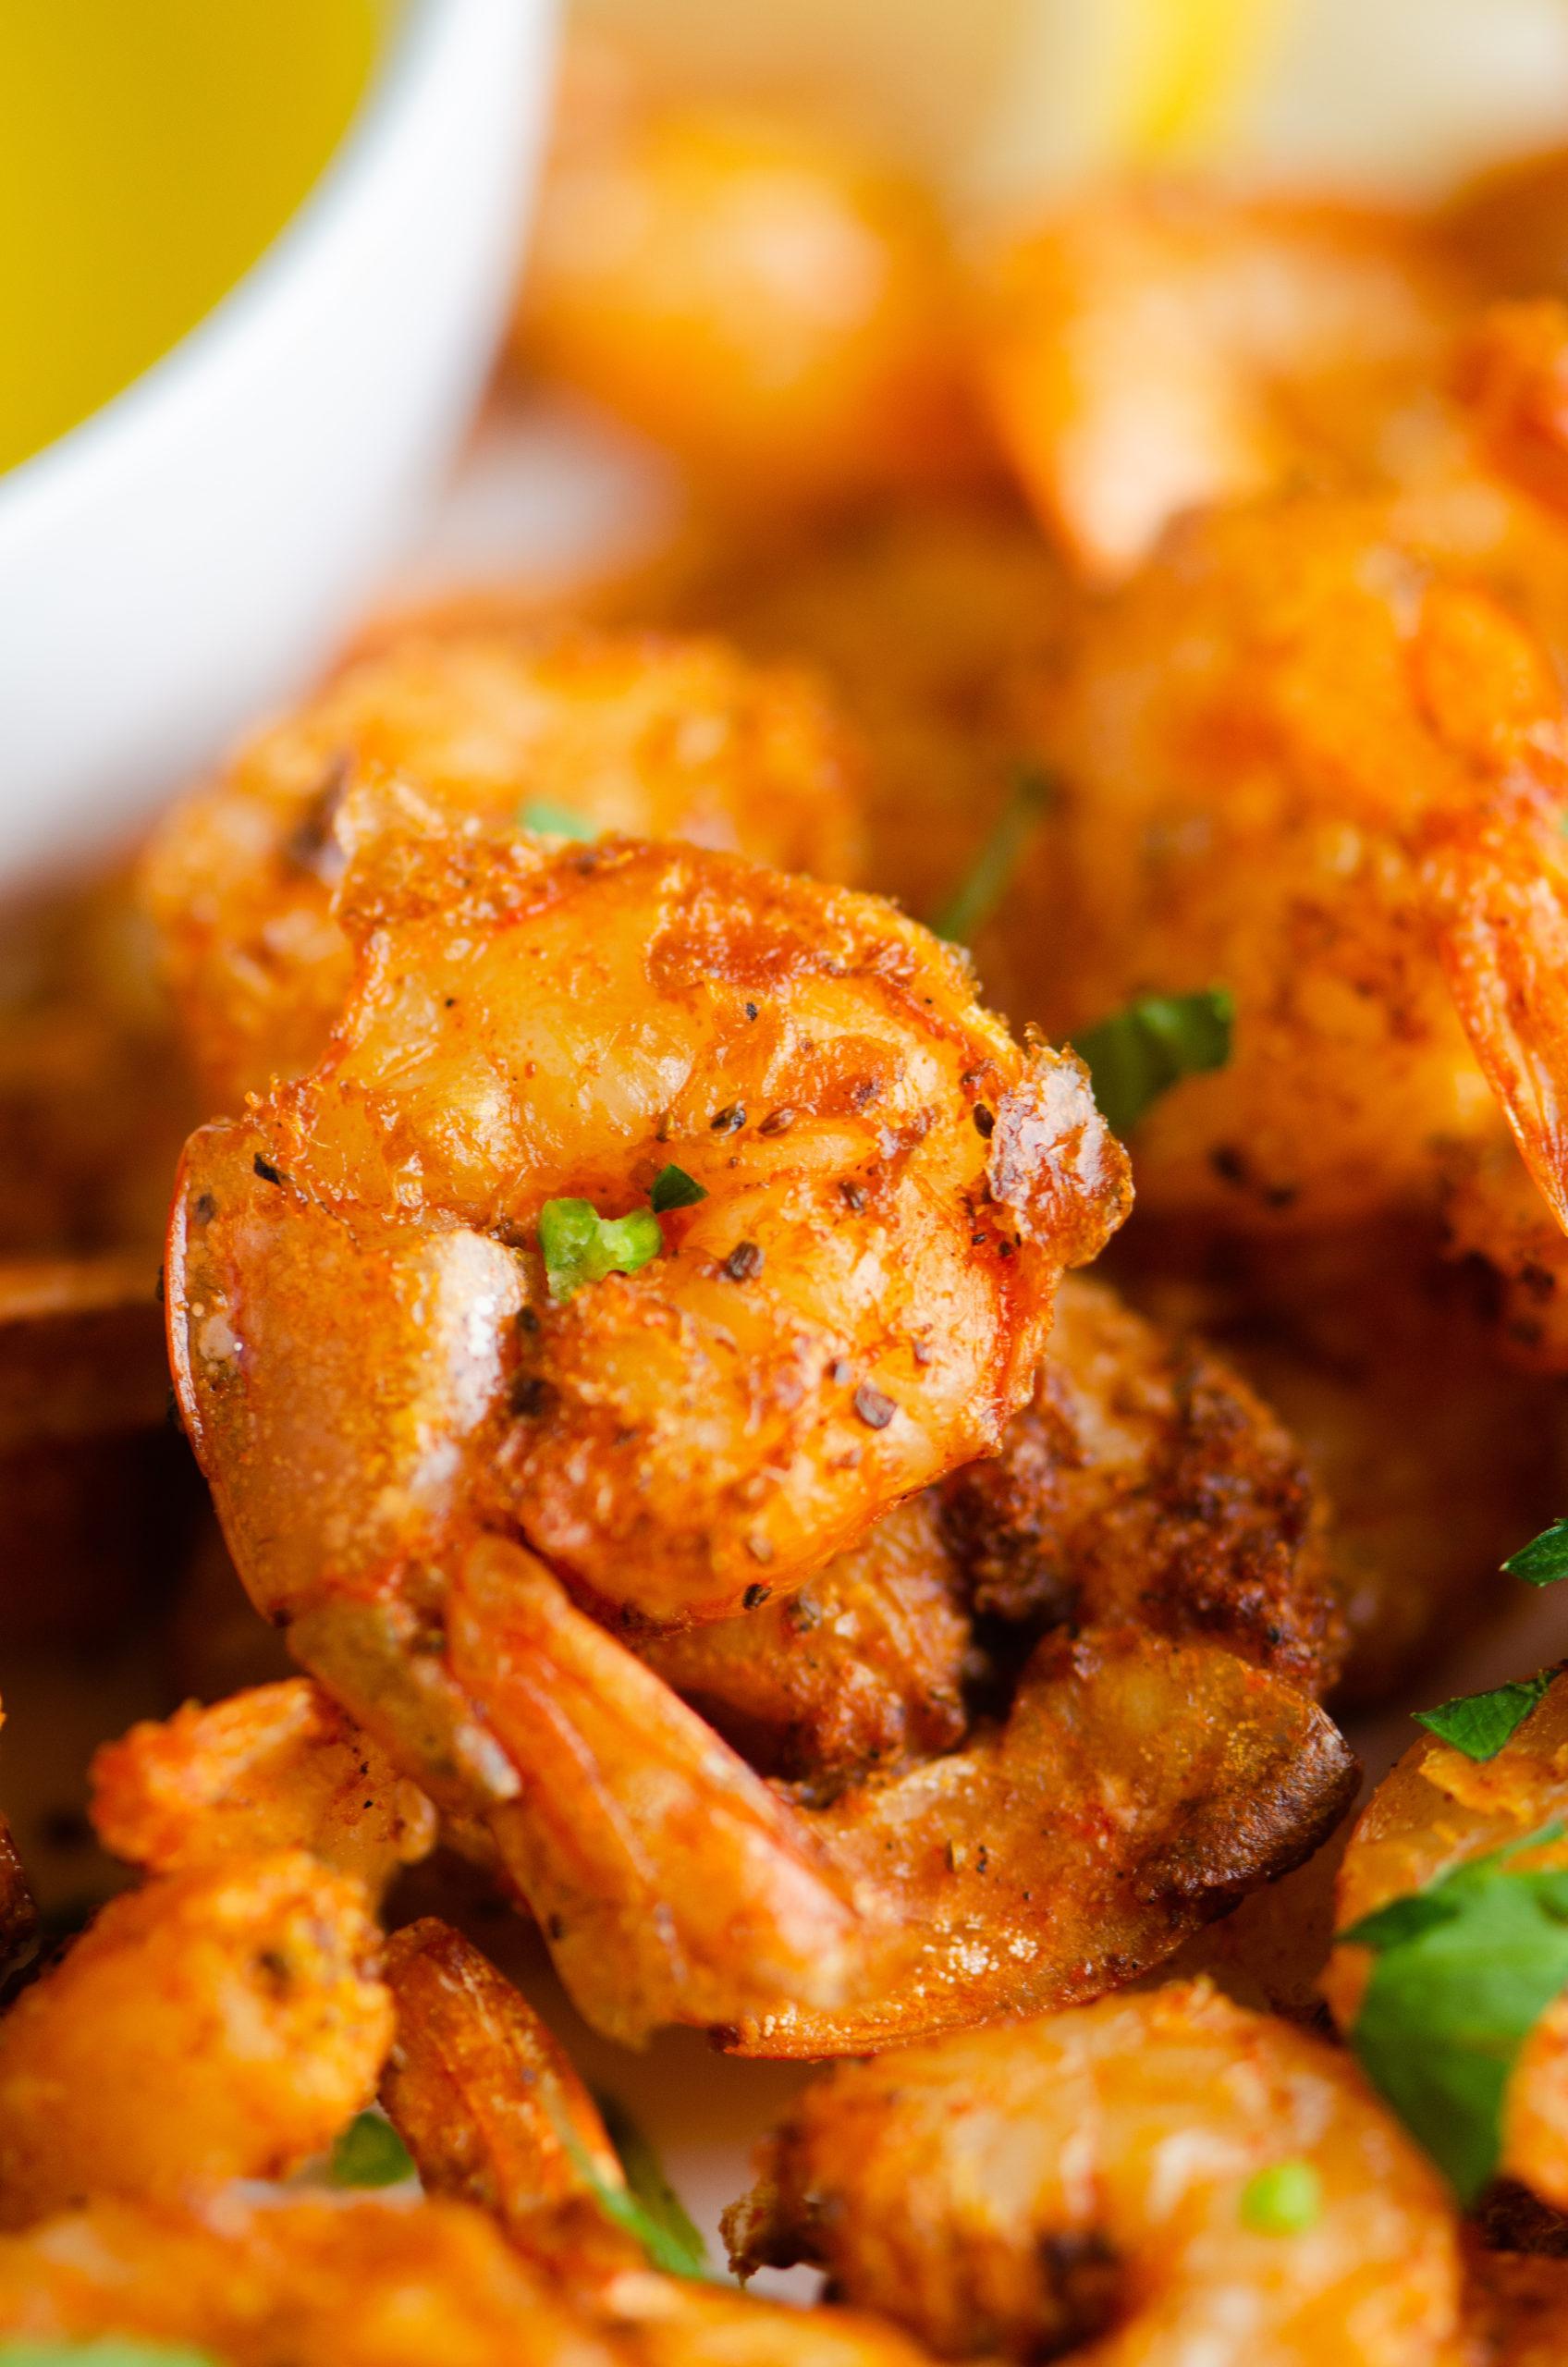 Close up of air fryer fried shrimp.